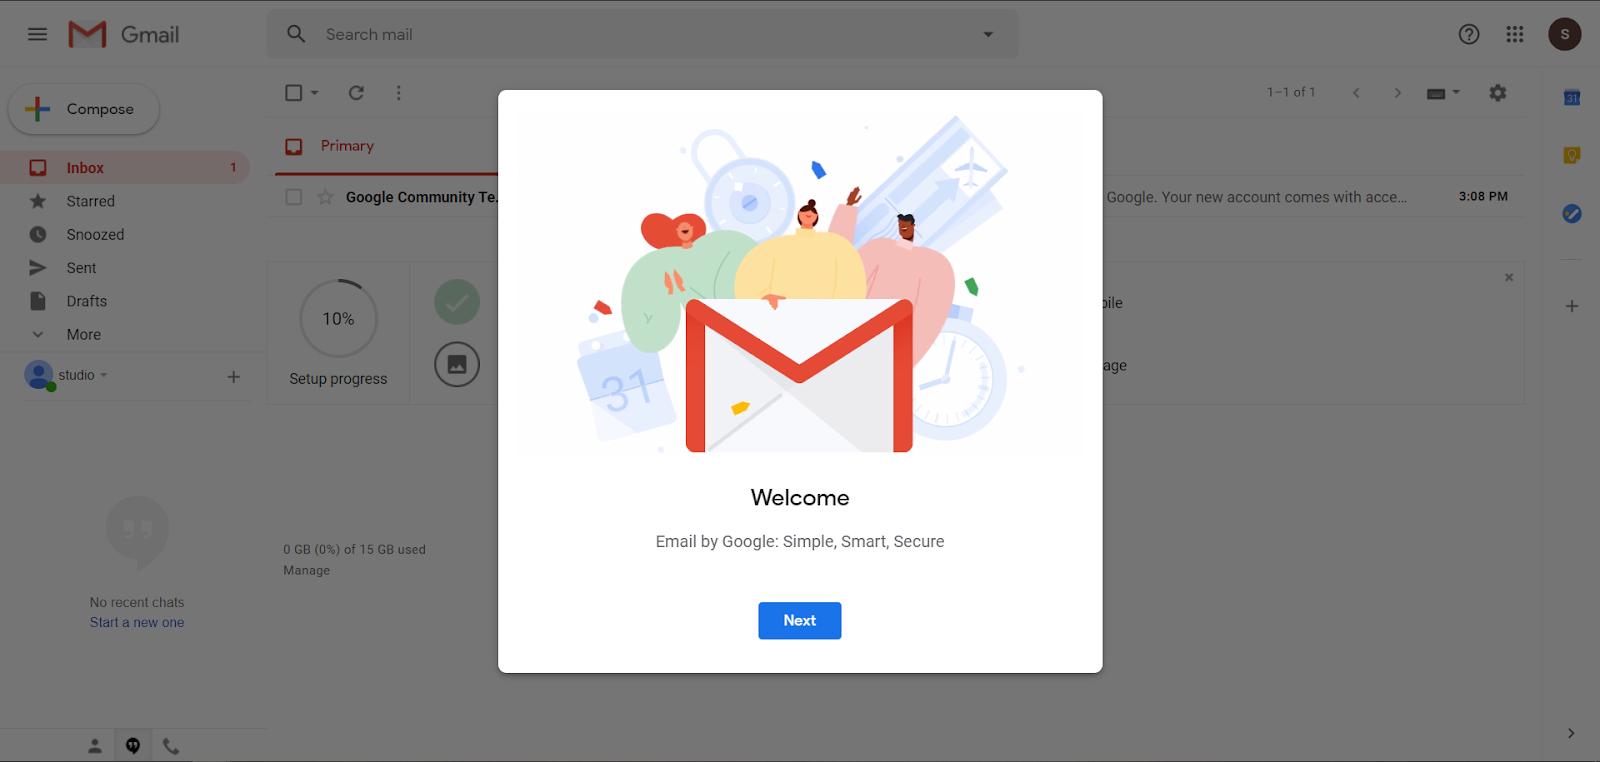 membuat akun gmail di laptop